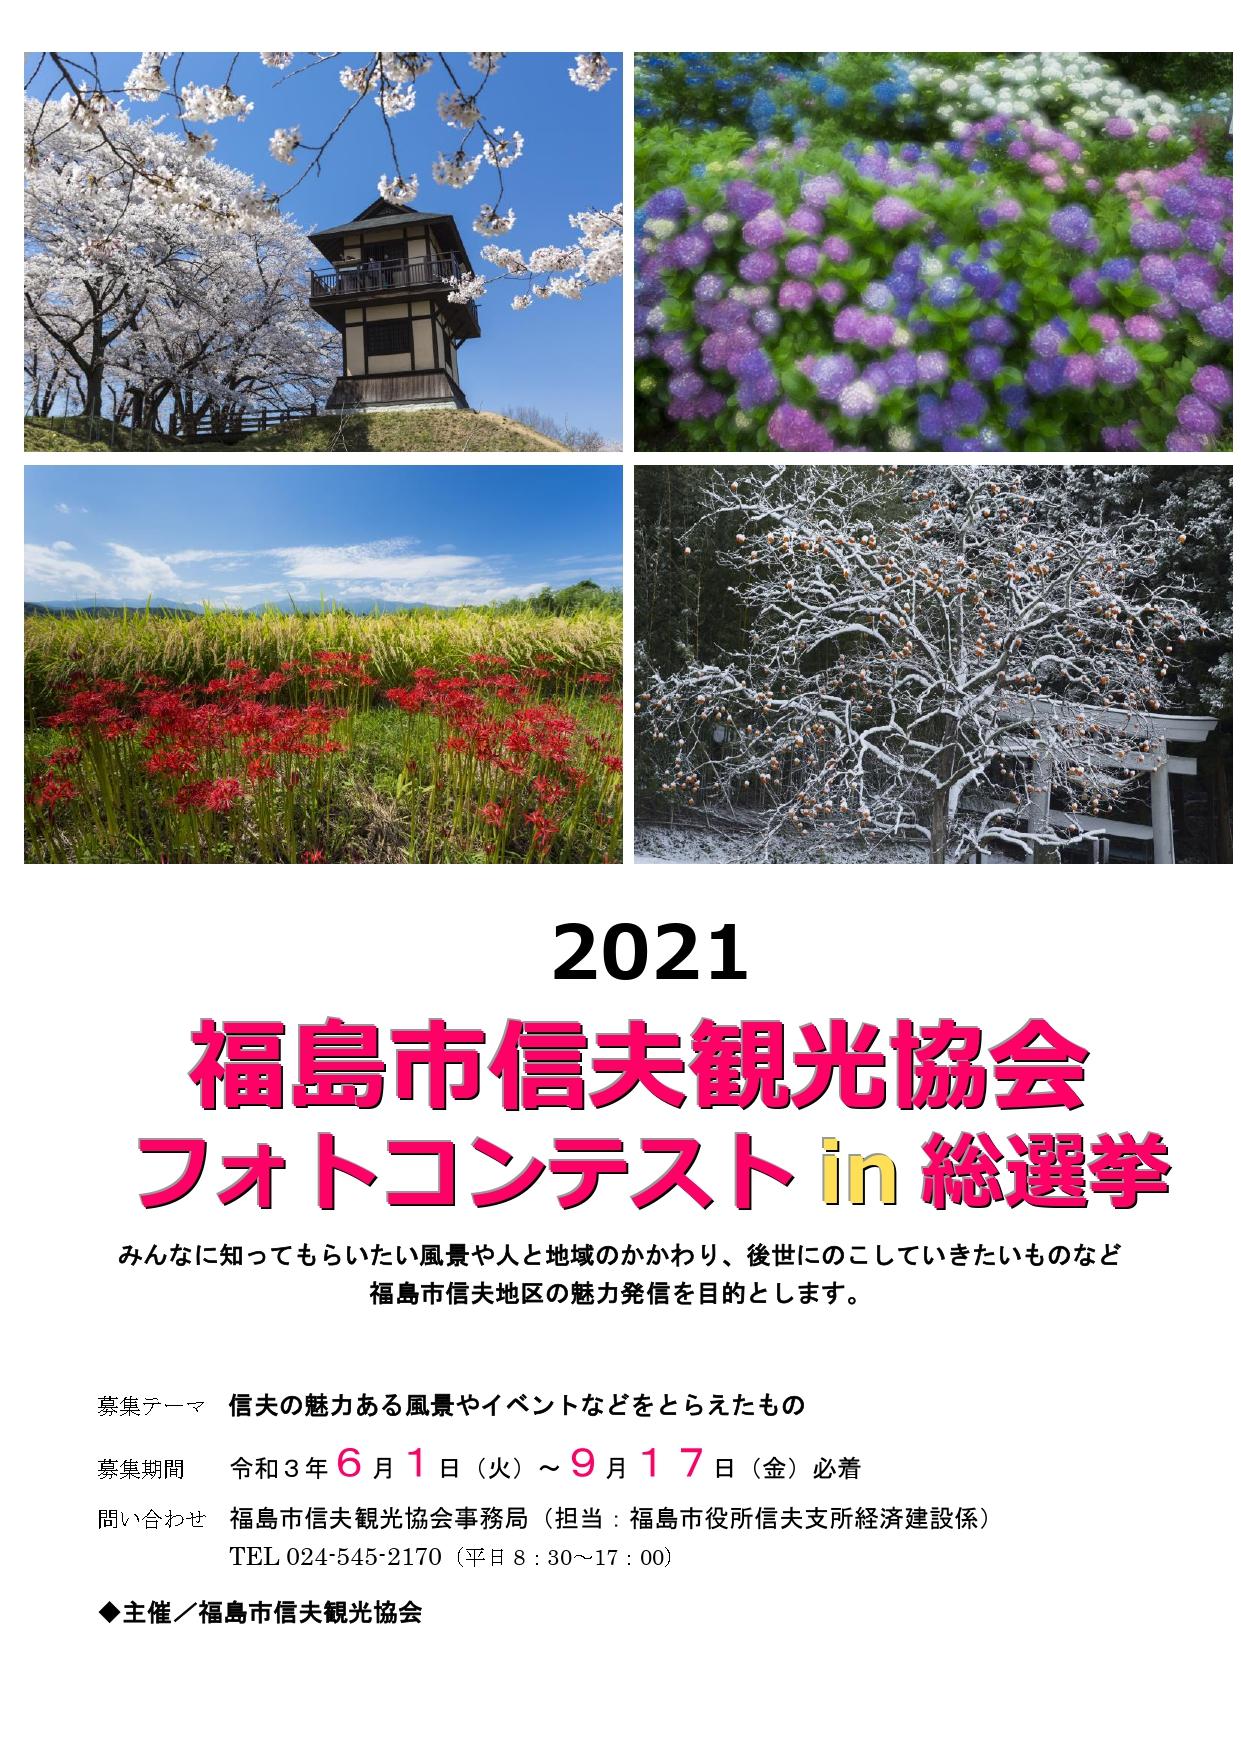 2021 福島市信夫観光協会フォトコンテストin総選挙